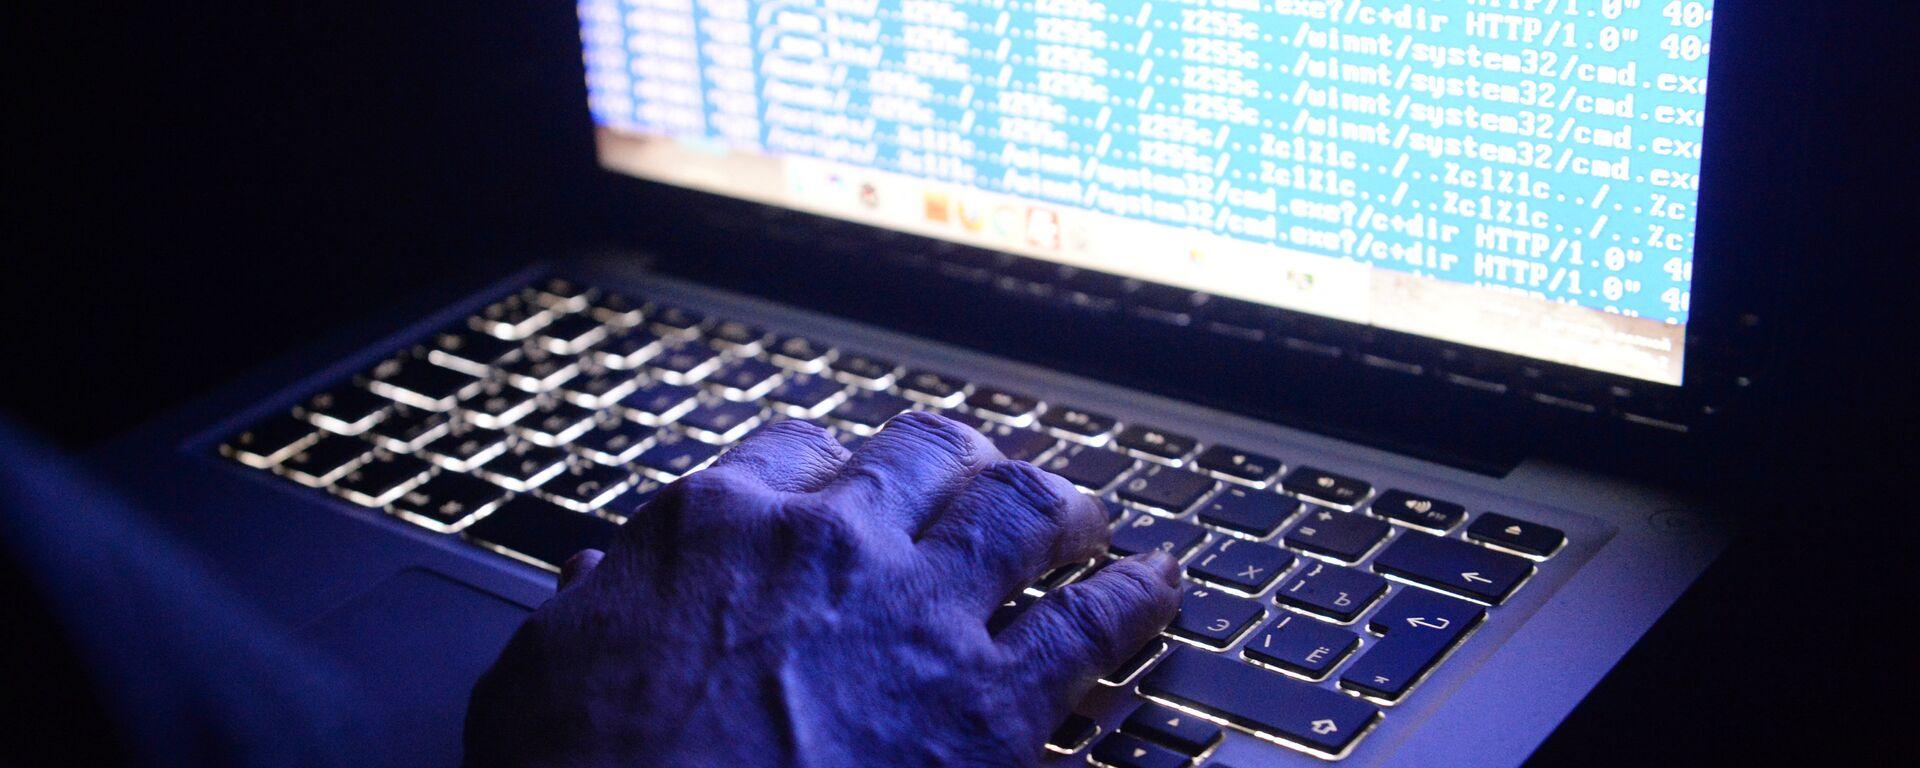 Ransomware attacks global IT systems - Sputnik Italia, 1920, 23.06.2021